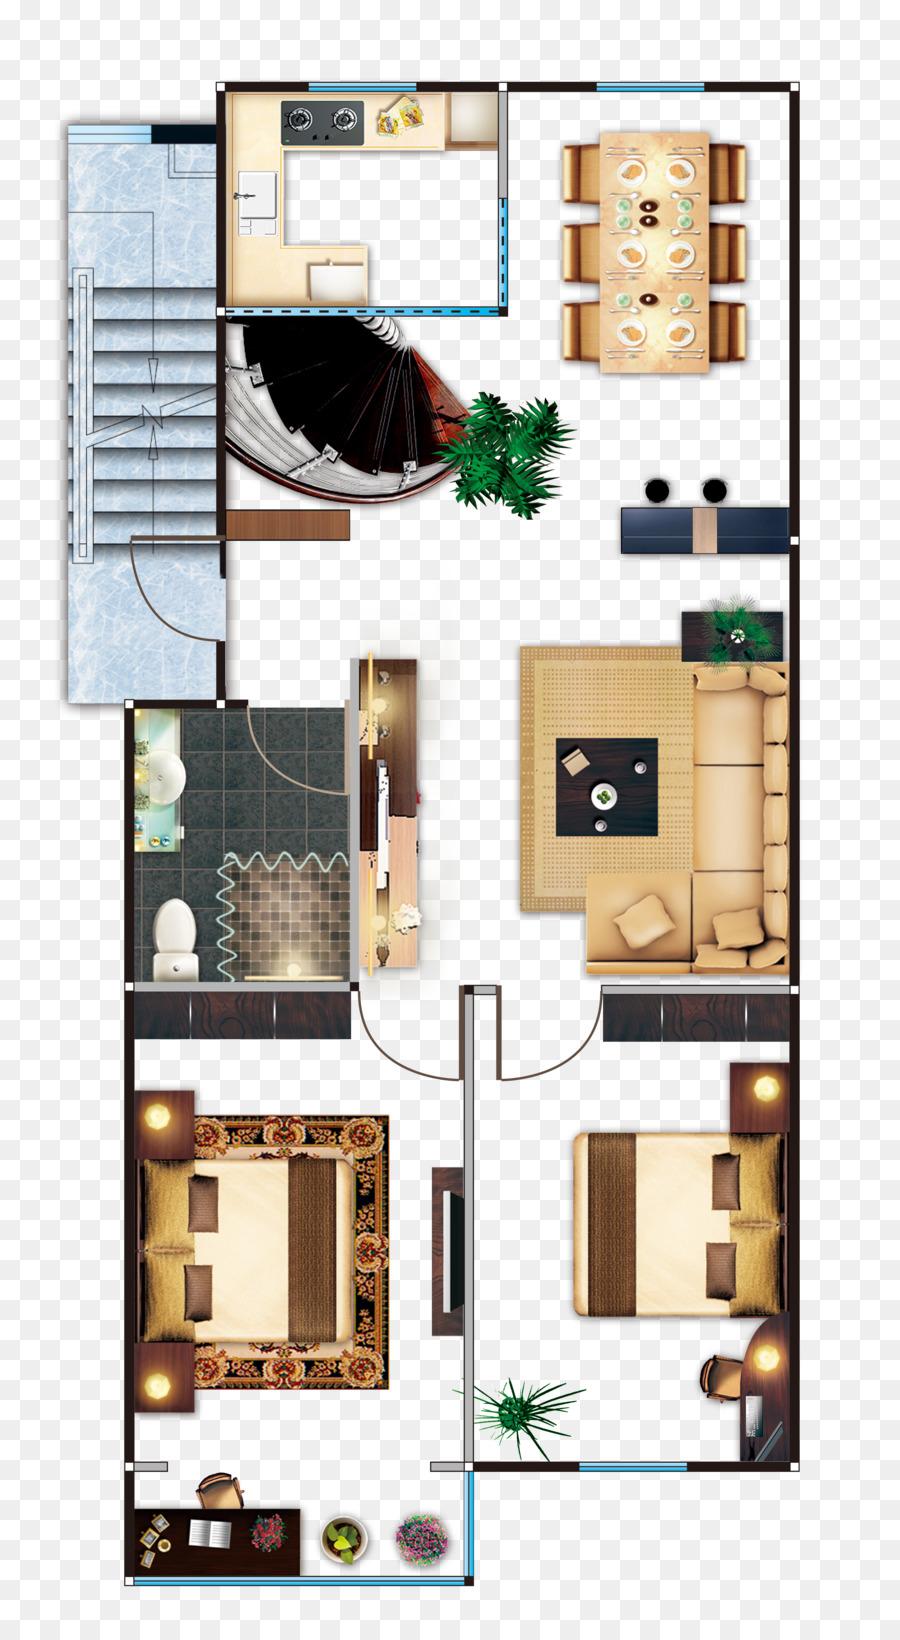 Descarga gratuita de Muebles, Cama, Servicios De Diseño Interior Imágen de Png